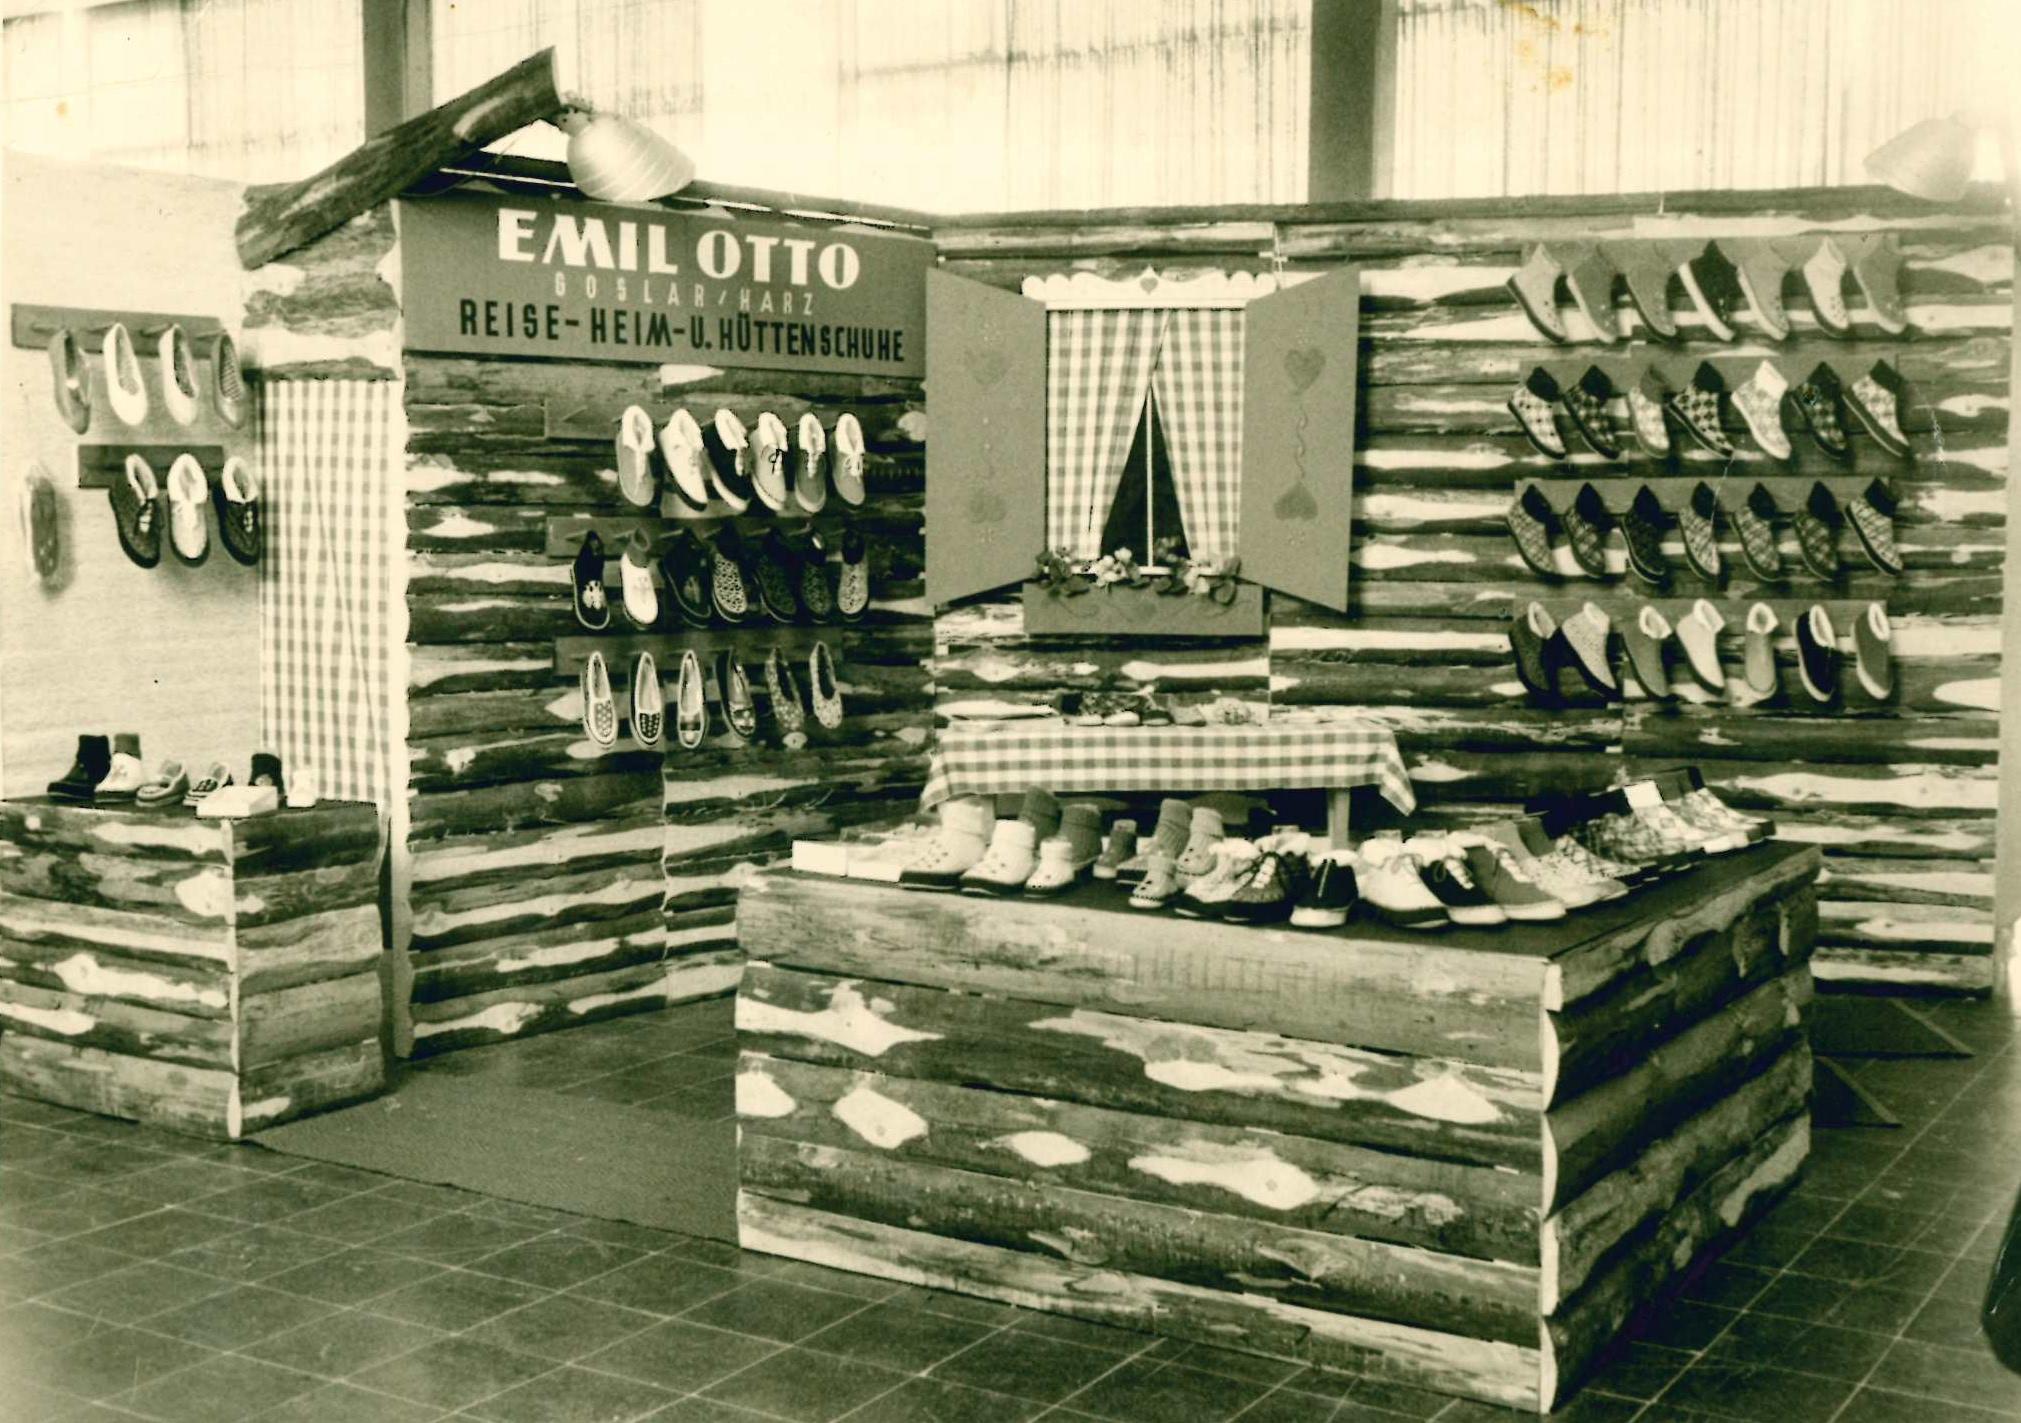 Präsentation der Haflinger Schuhe